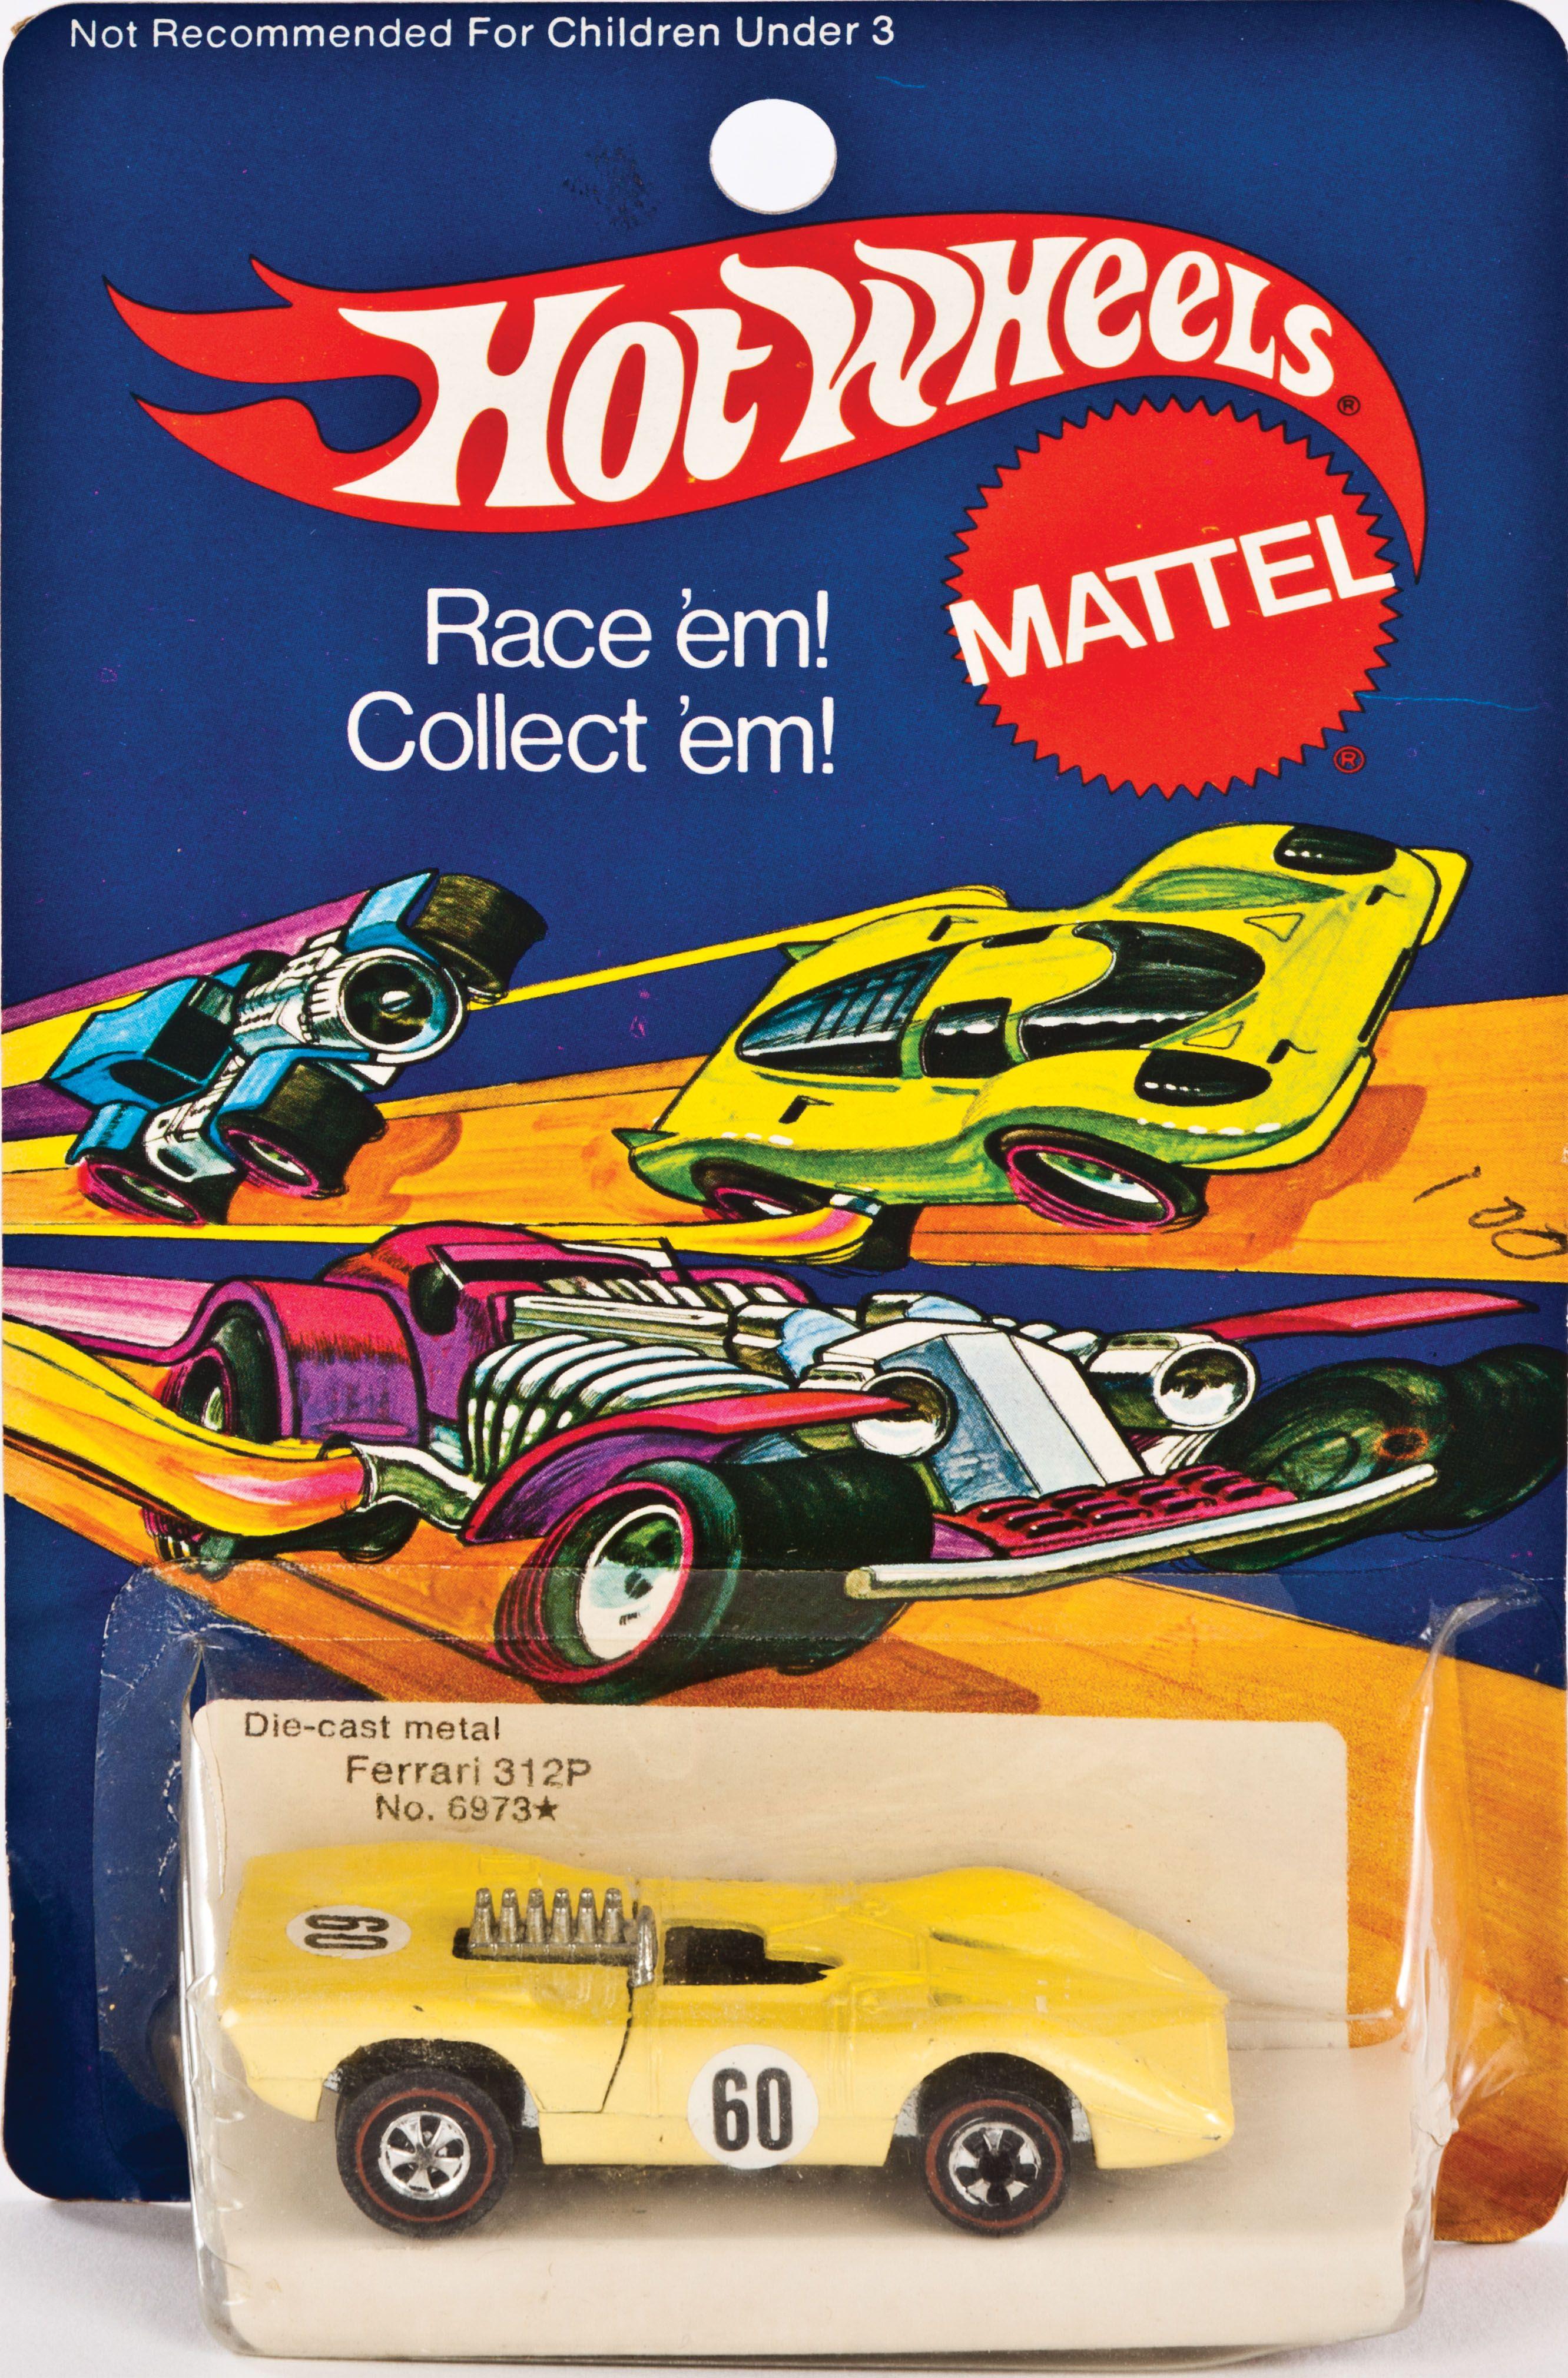 Http Collider Com Wp Content Uploads Hot Wheels Ferrari Jpg Logotipo Tipografico Juguetes Antiguos Juguetes